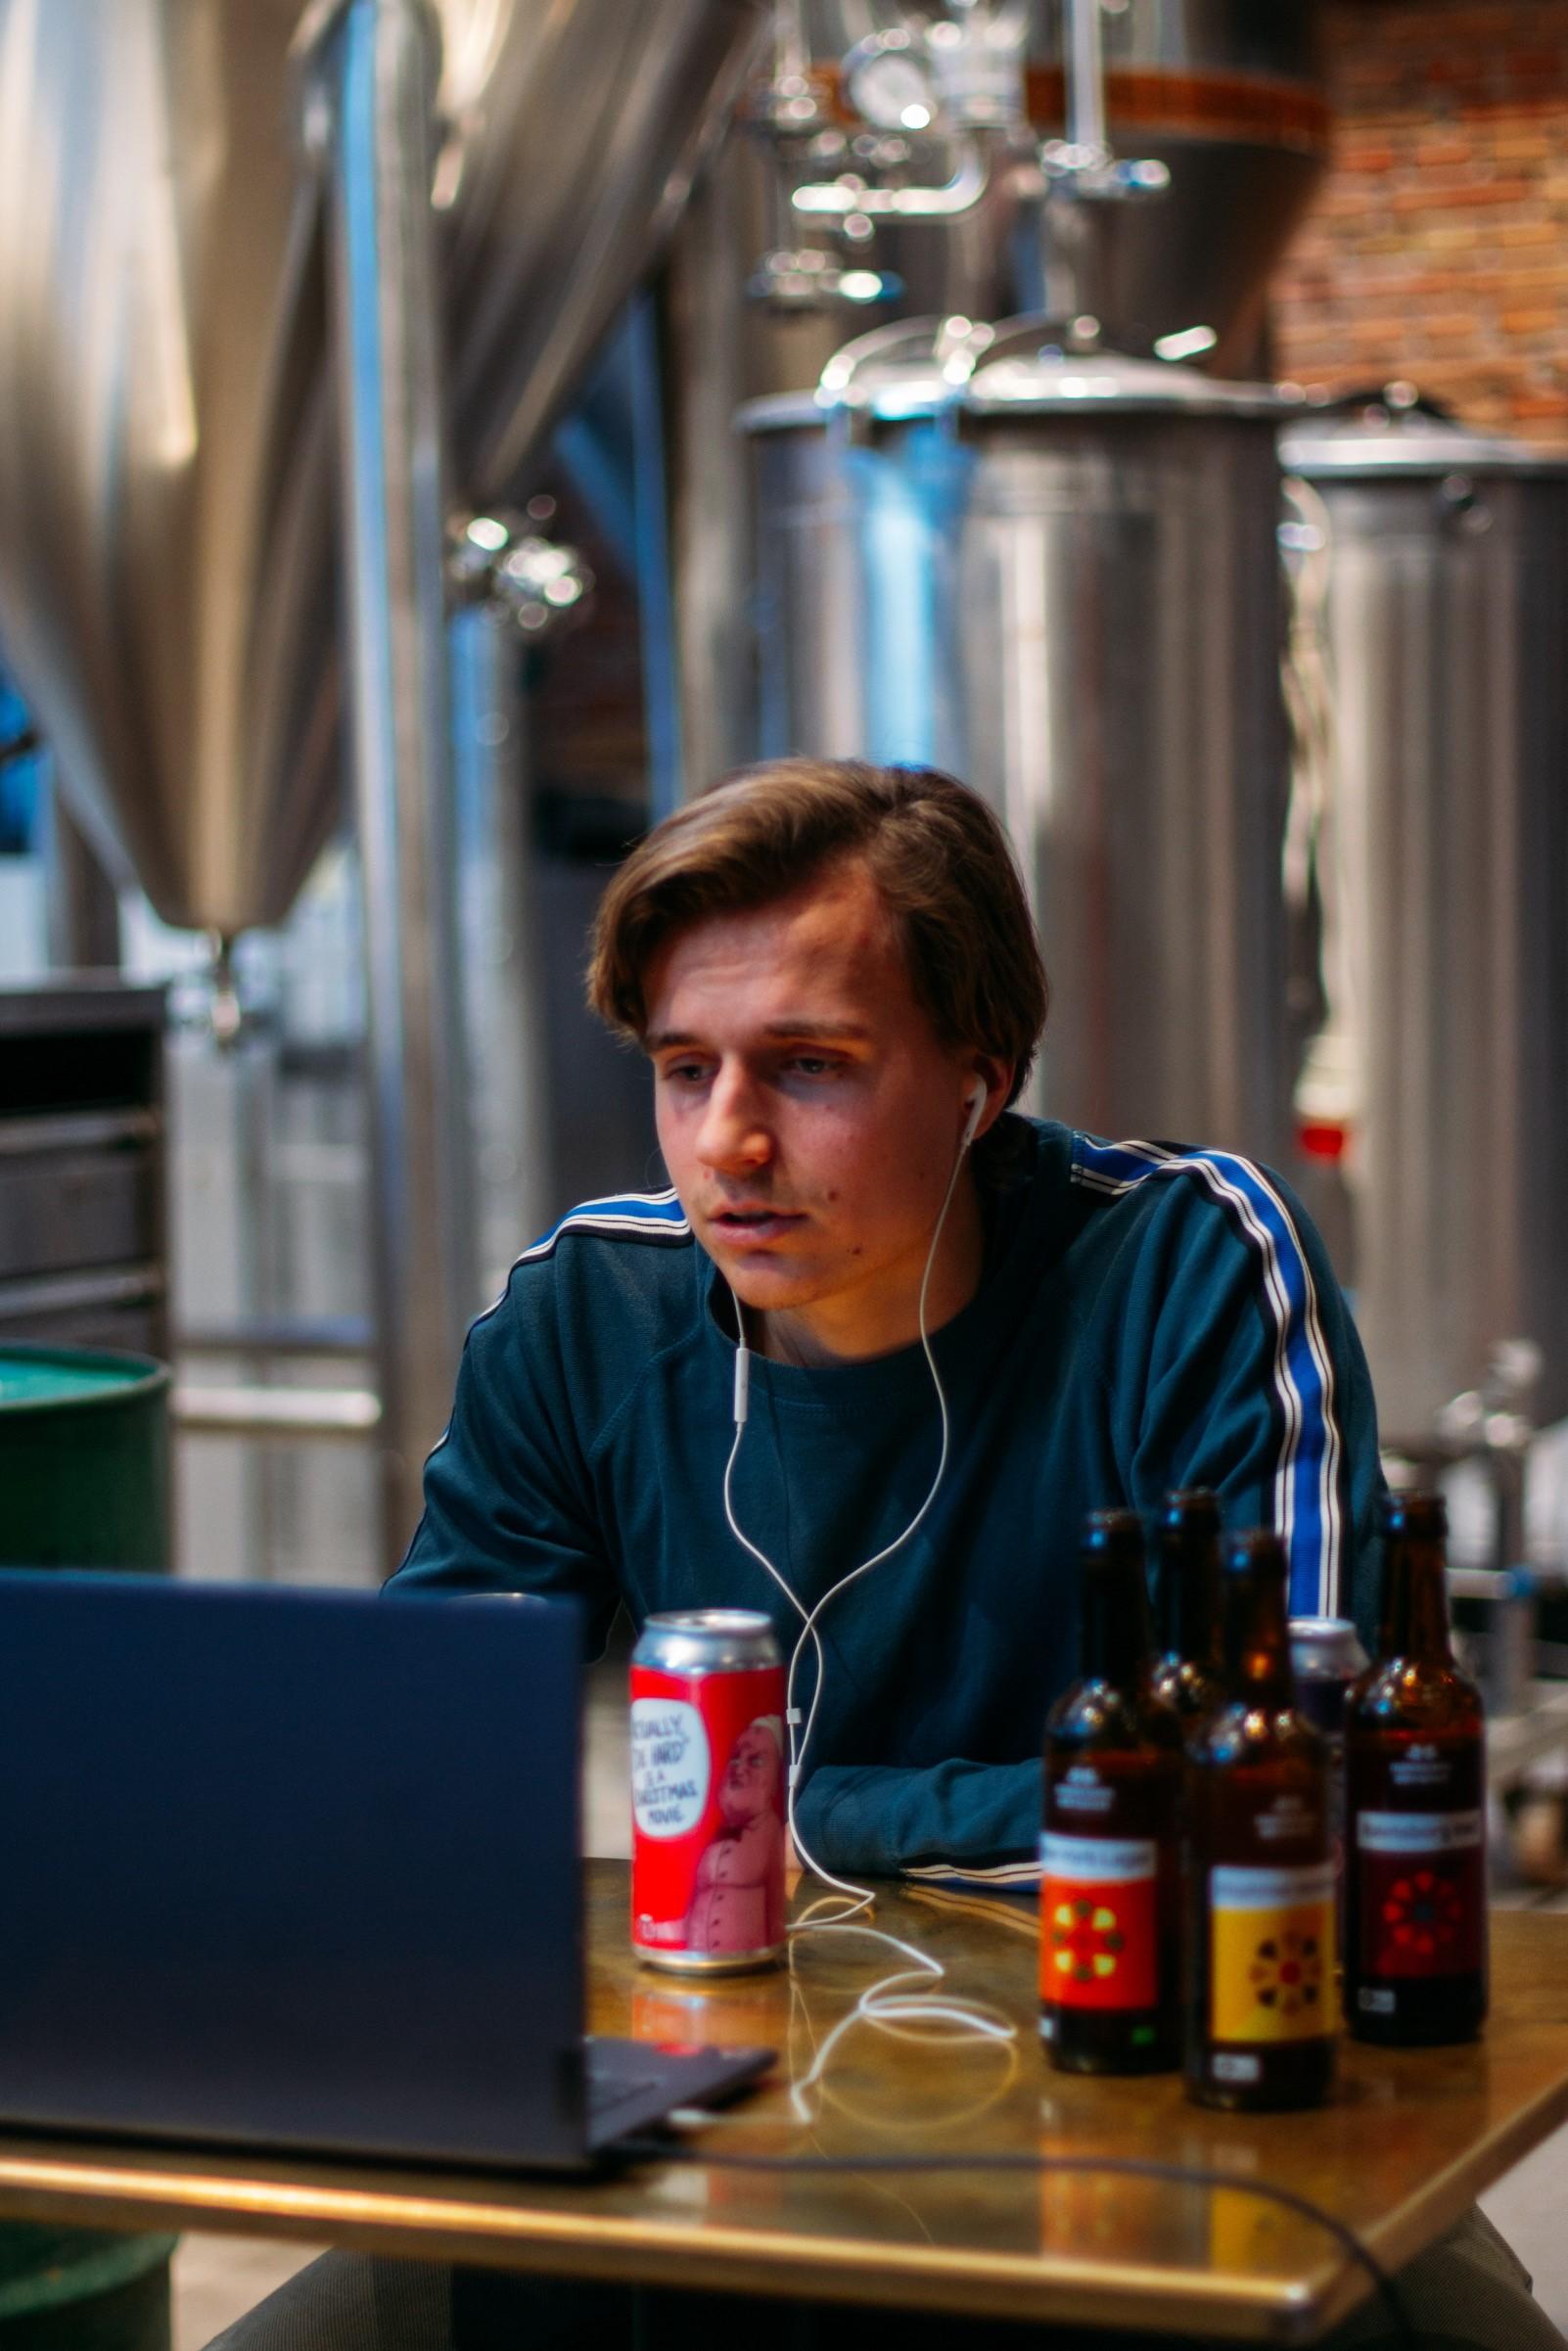 Hitter i Aalborg: Virtuelle øl-oplevelser for dig og kollegerne